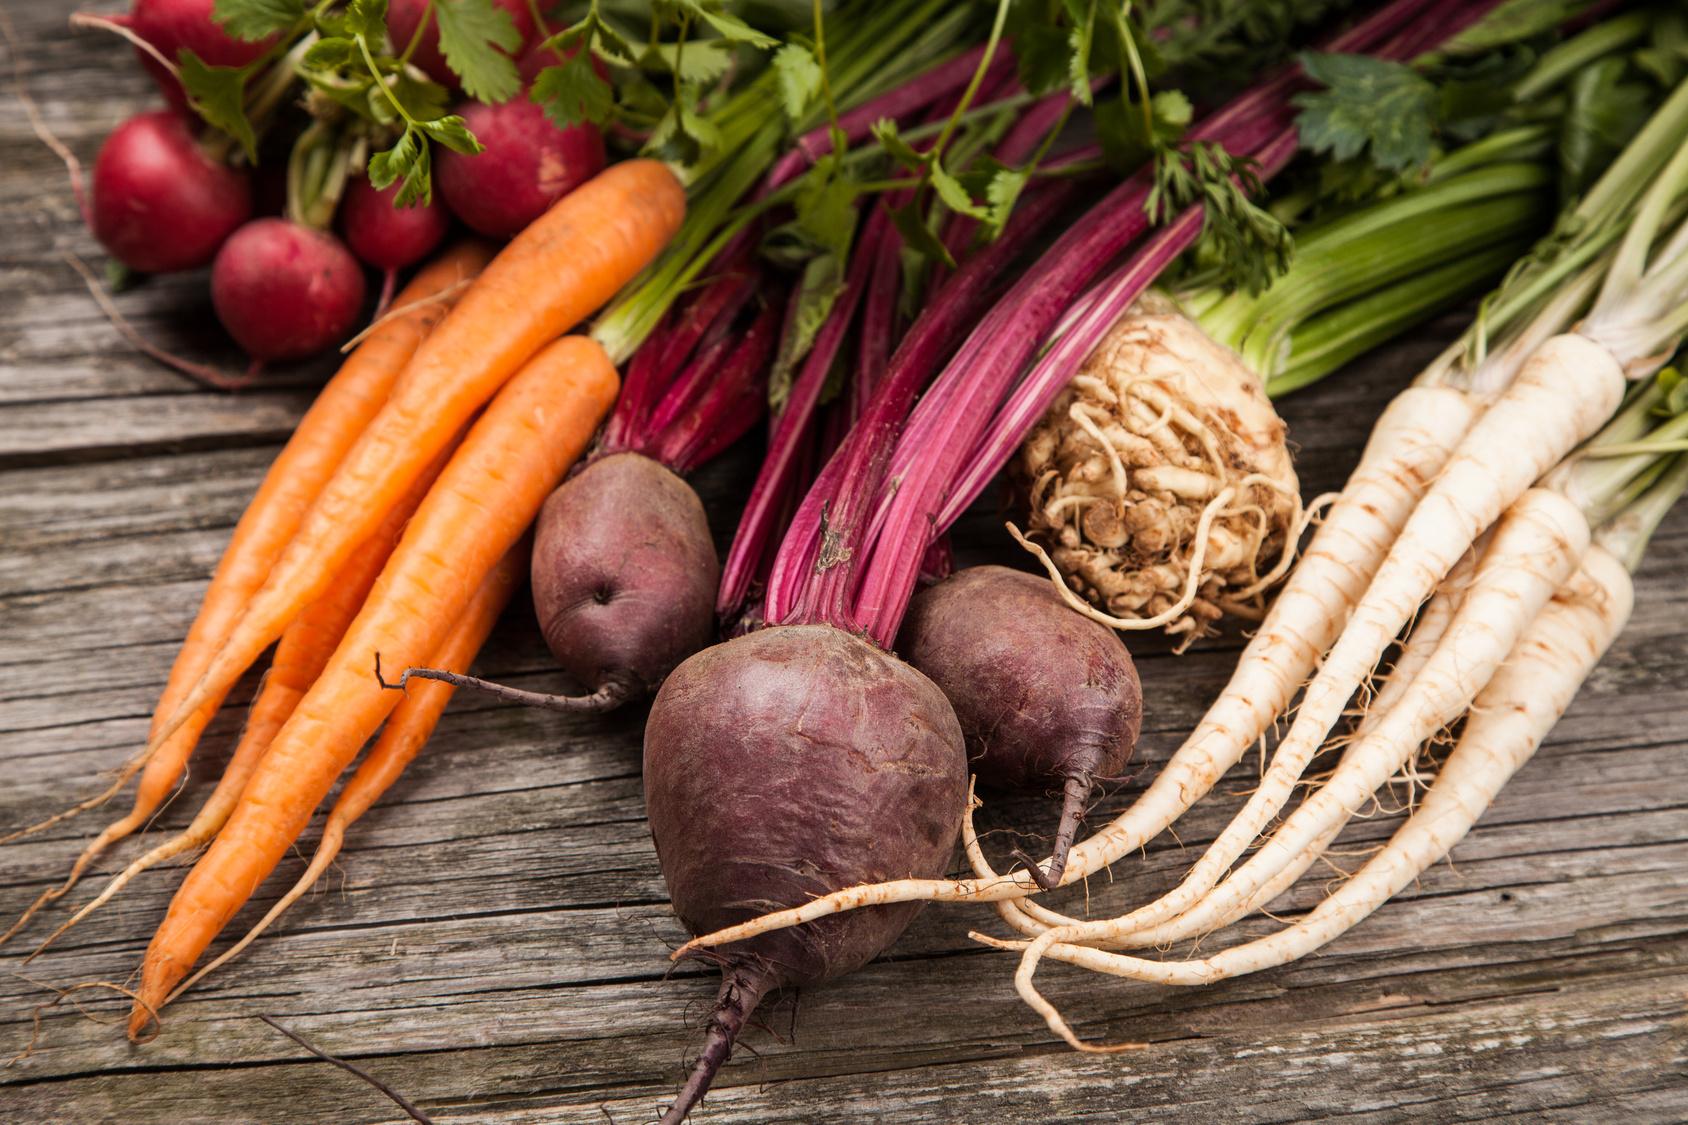 Mniej warzyw i zbóż, więcej owoców